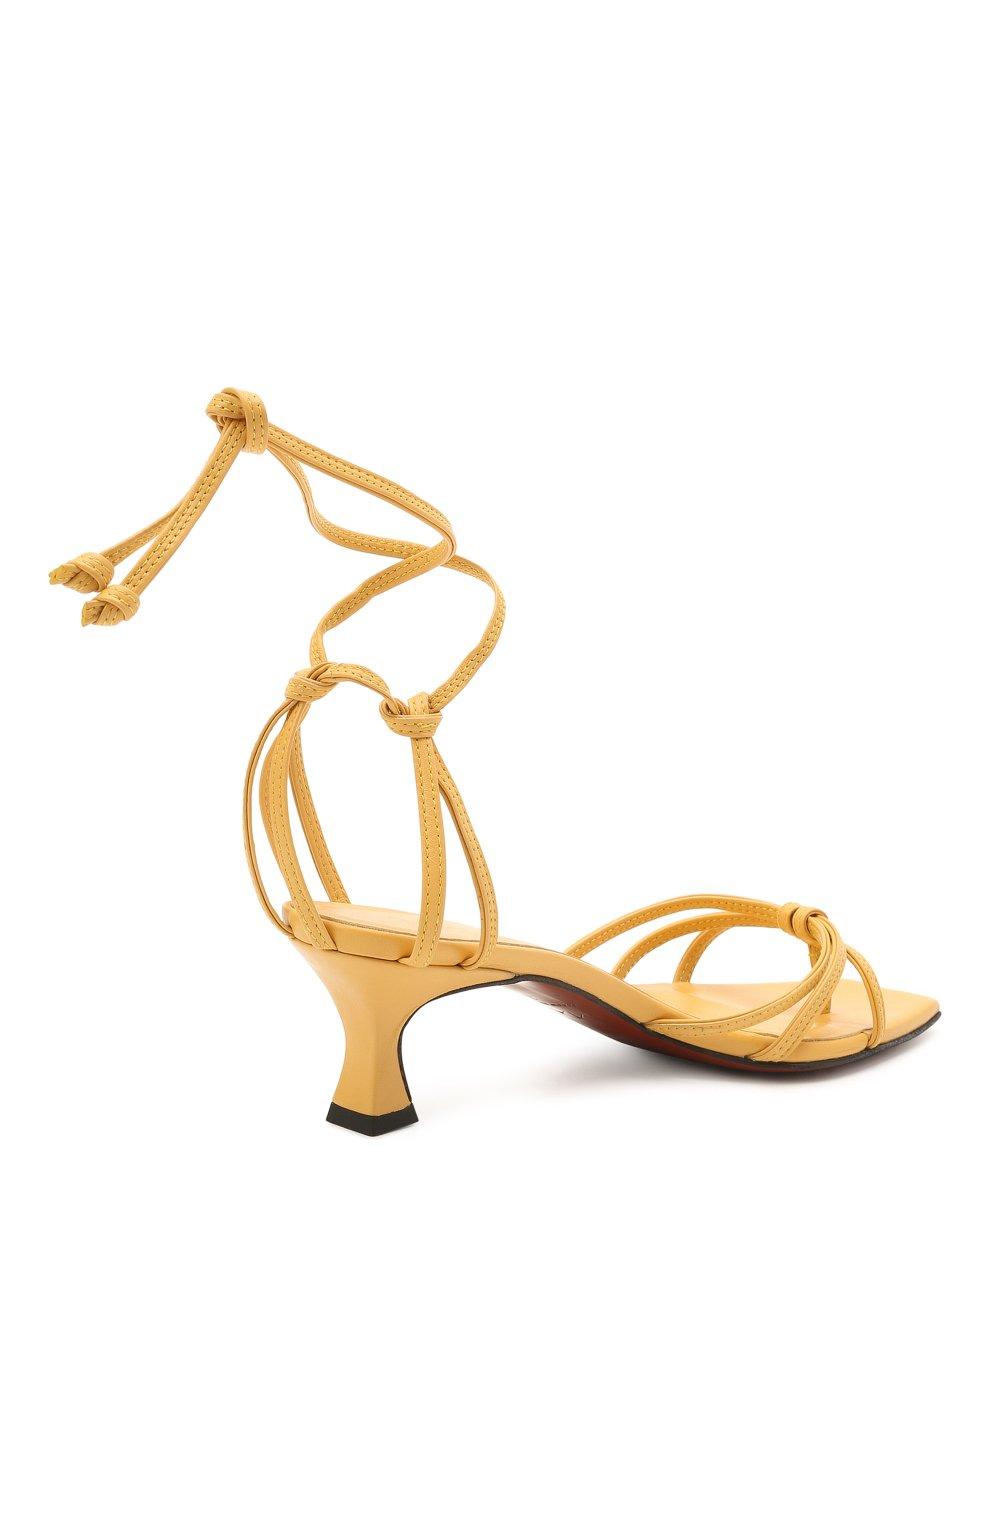 Женские кожаные босоножки MANU ATELIER желтого цвета, арт. 2021140 | Фото 4 (Каблук высота: Низкий; Материал внутренний: Натуральная кожа; Каблук тип: Устойчивый; Подошва: Плоская)